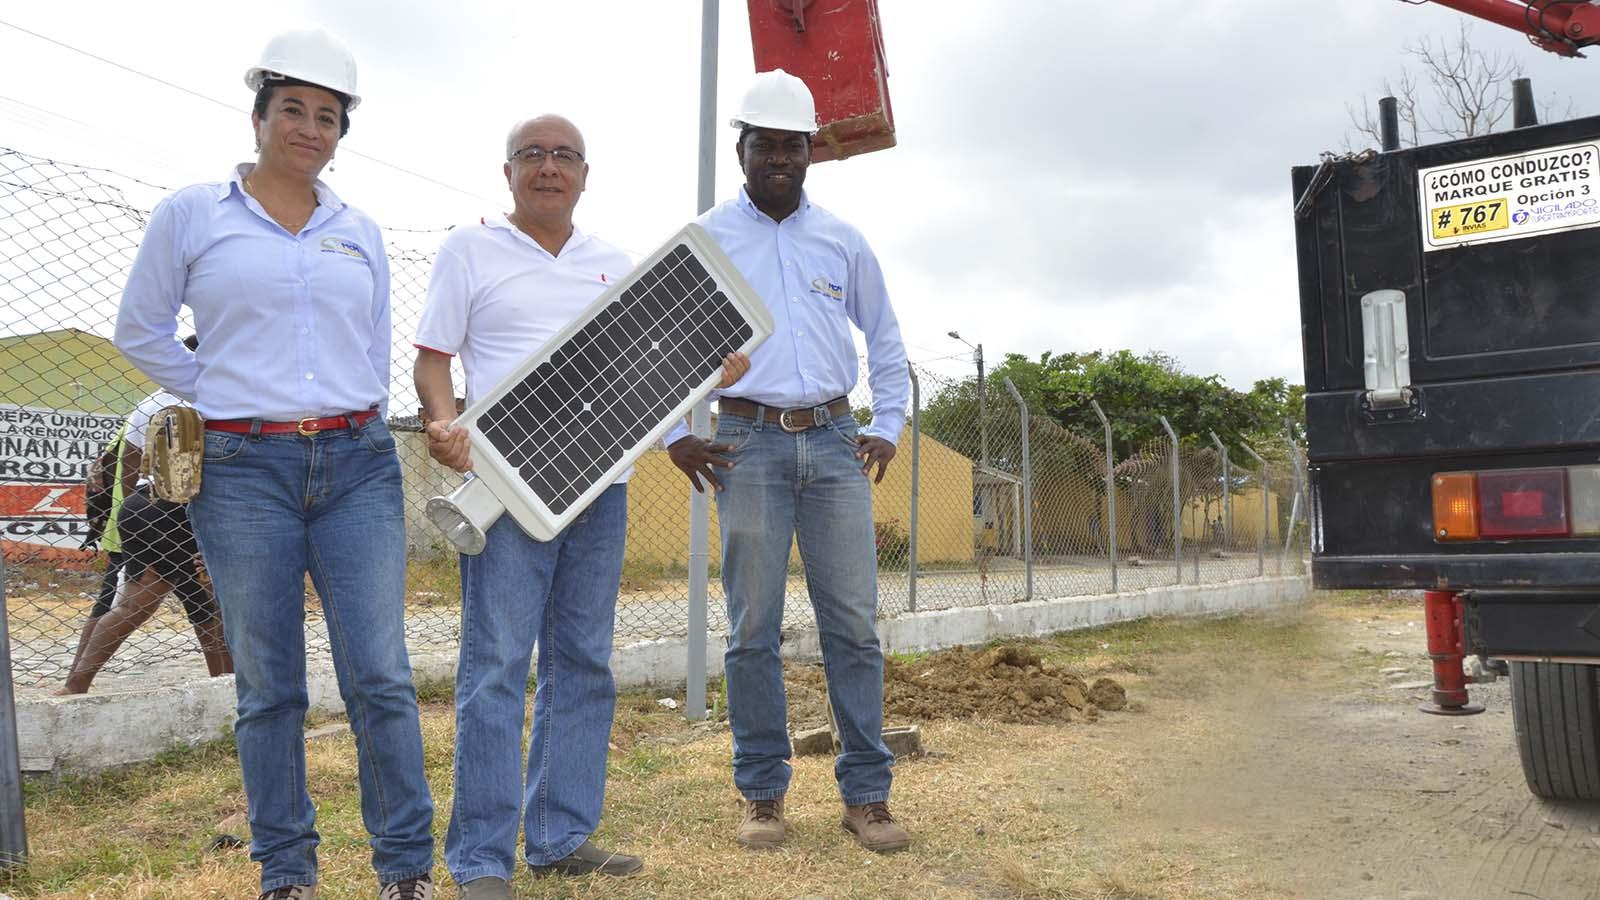 Basura por energía y paneles solares: alternativas verdes en Urabá